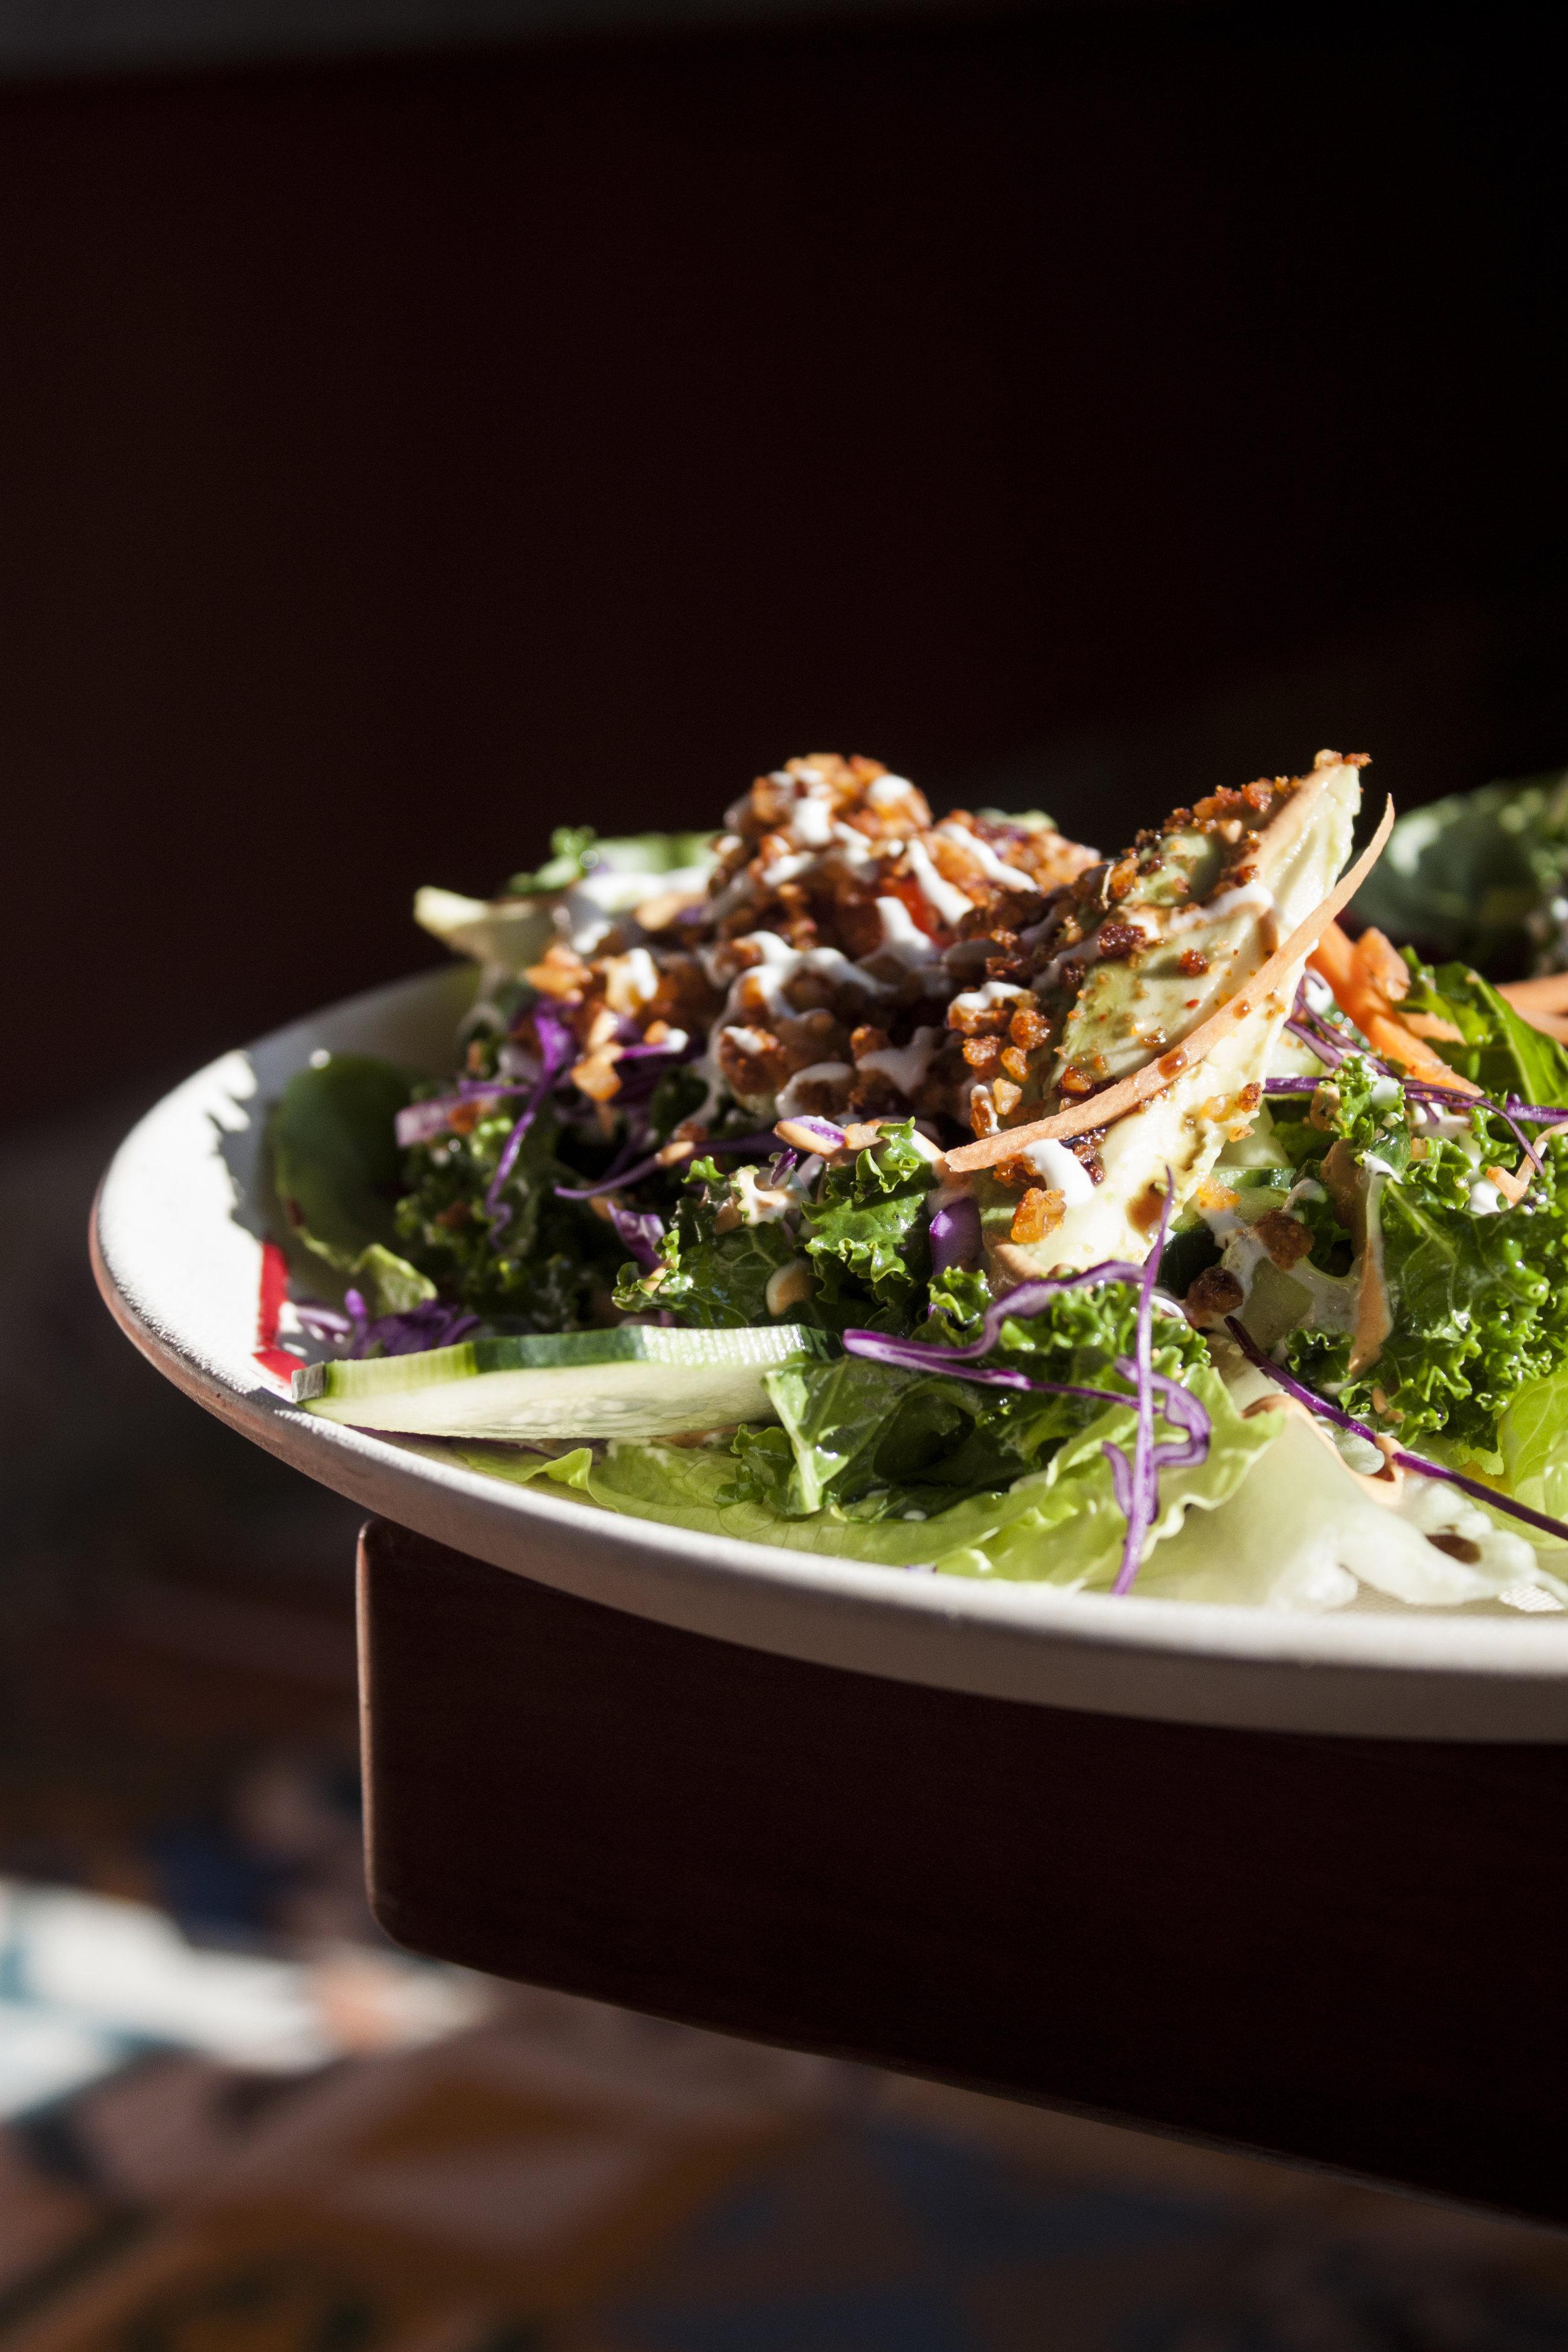 Best vegan restaurants in LA. Wild Living Foods is one of the best raw restaurants in LA. Vegan tacos in LA. Best food blogs LA.